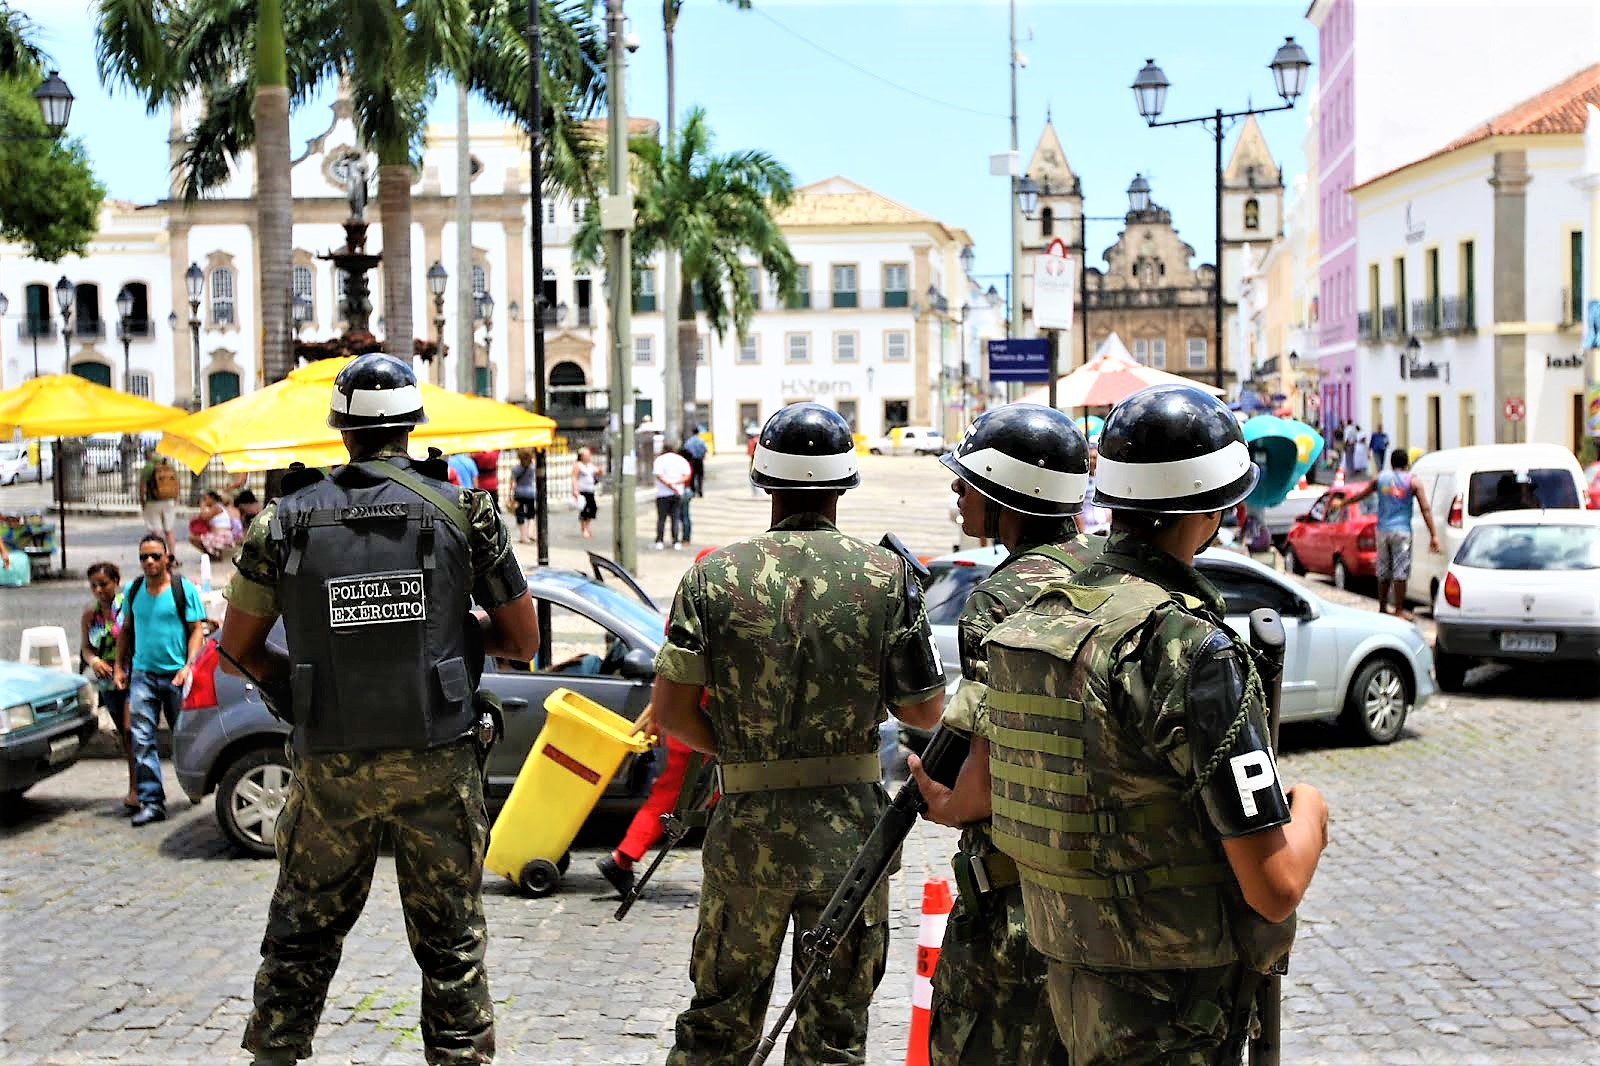 Uomo apre fuoco in cattedrale vicino San Paolo, 4 morti